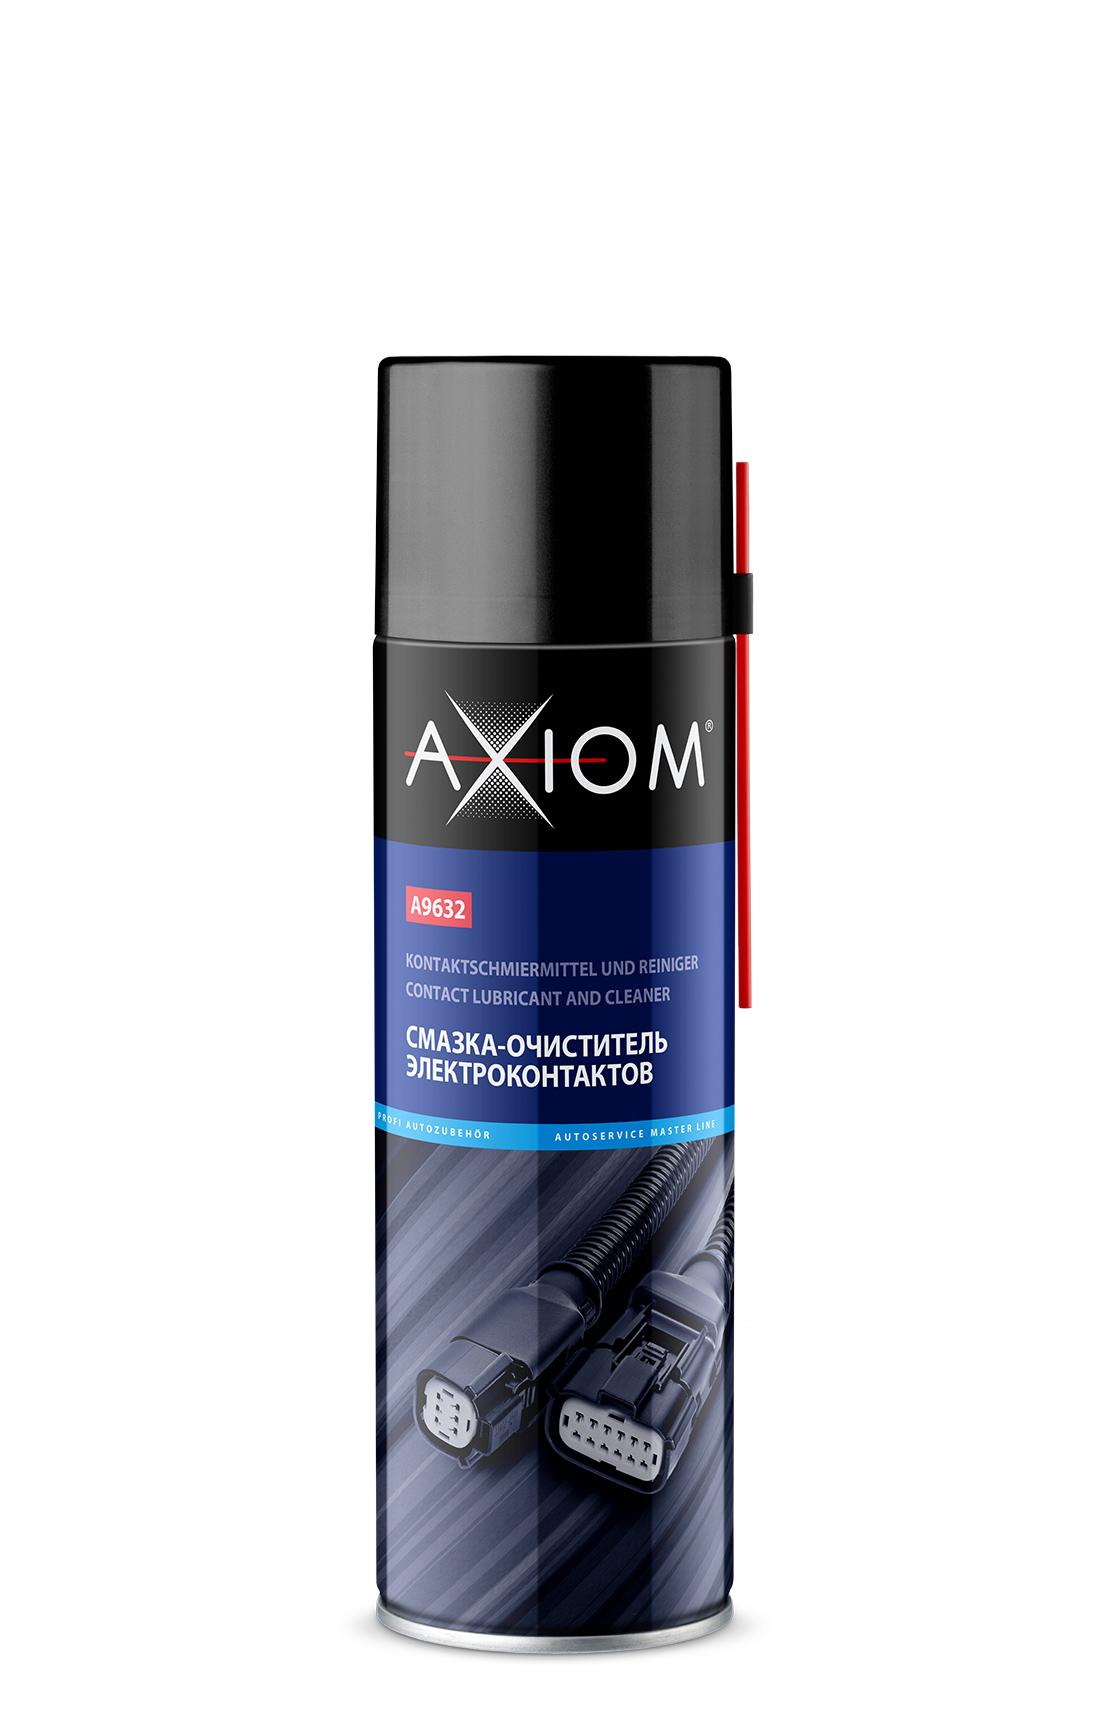 Смазка-очиститель электроконтактов 650 мл. AXIOM (A9632)